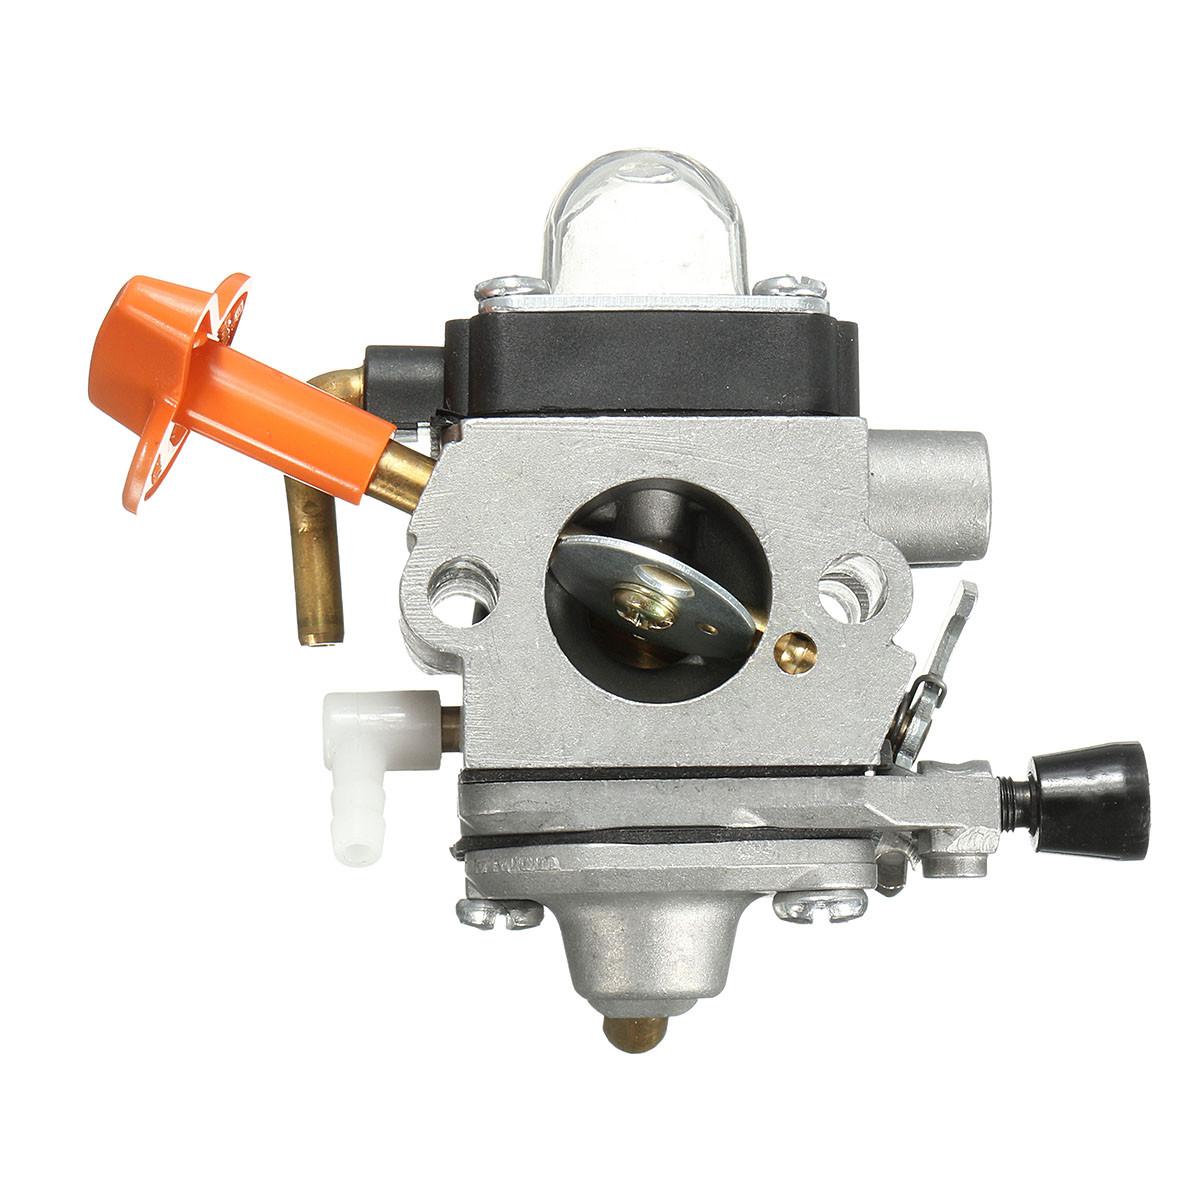 Карбюраторы Воздушный фильтр Топливные прокладки для Stihl FS87 FS90 FS110 FS130 KM130 String Триммер 41801200610 1TopShop